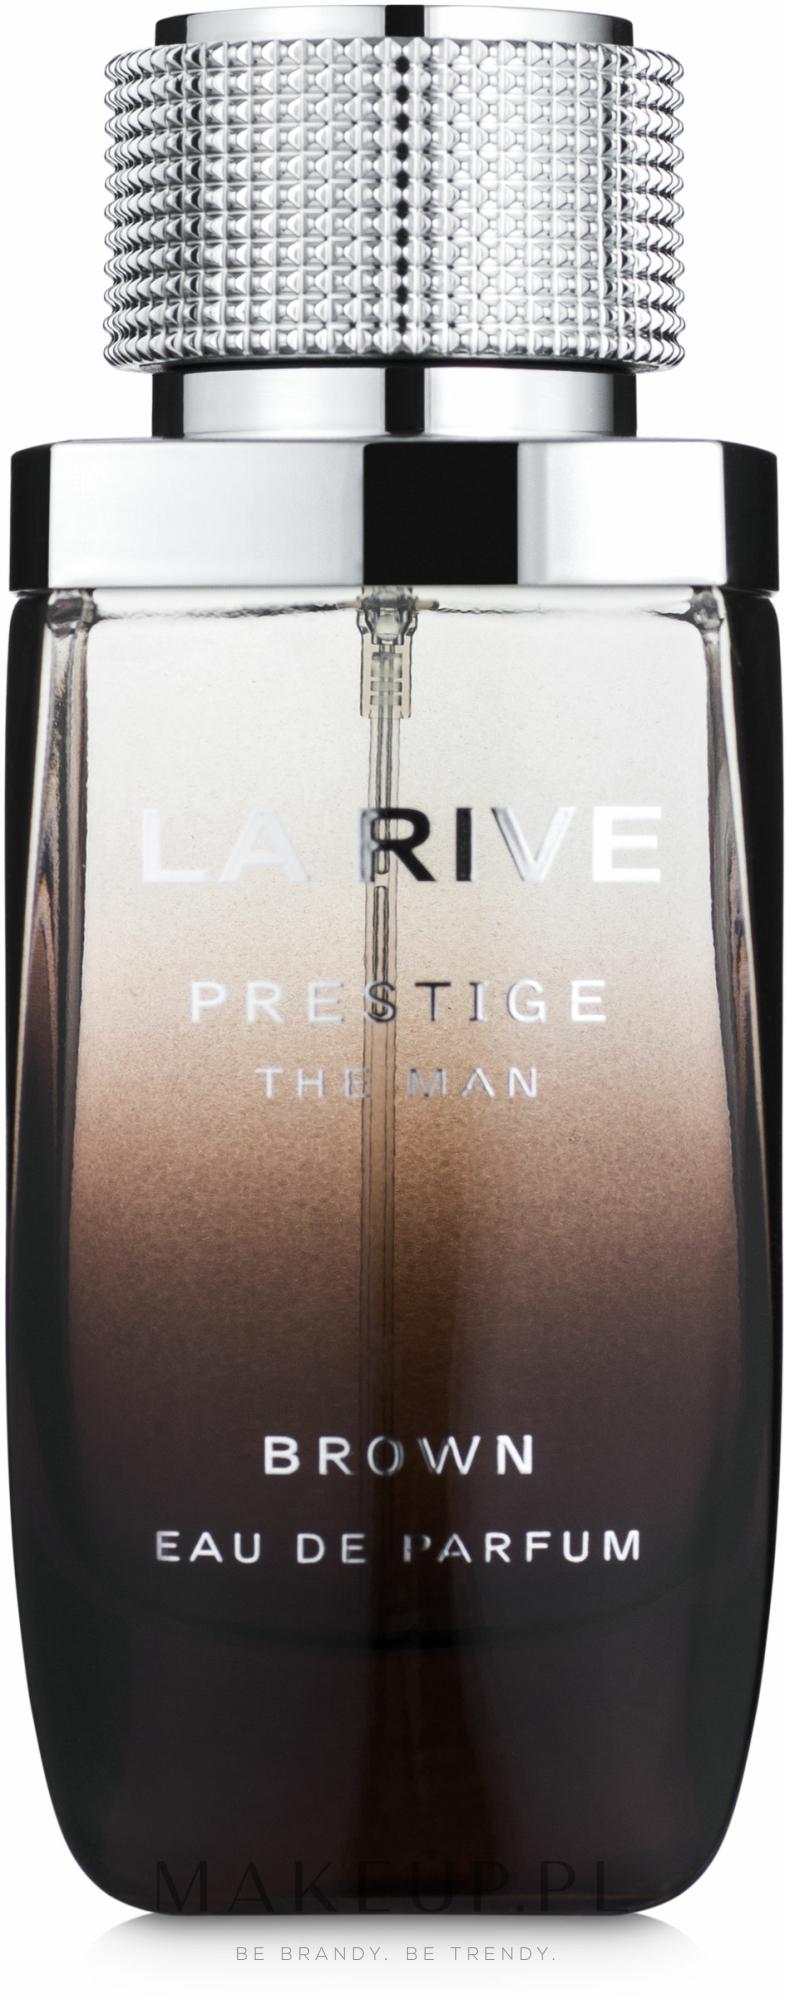 la rive prestige - the man brown